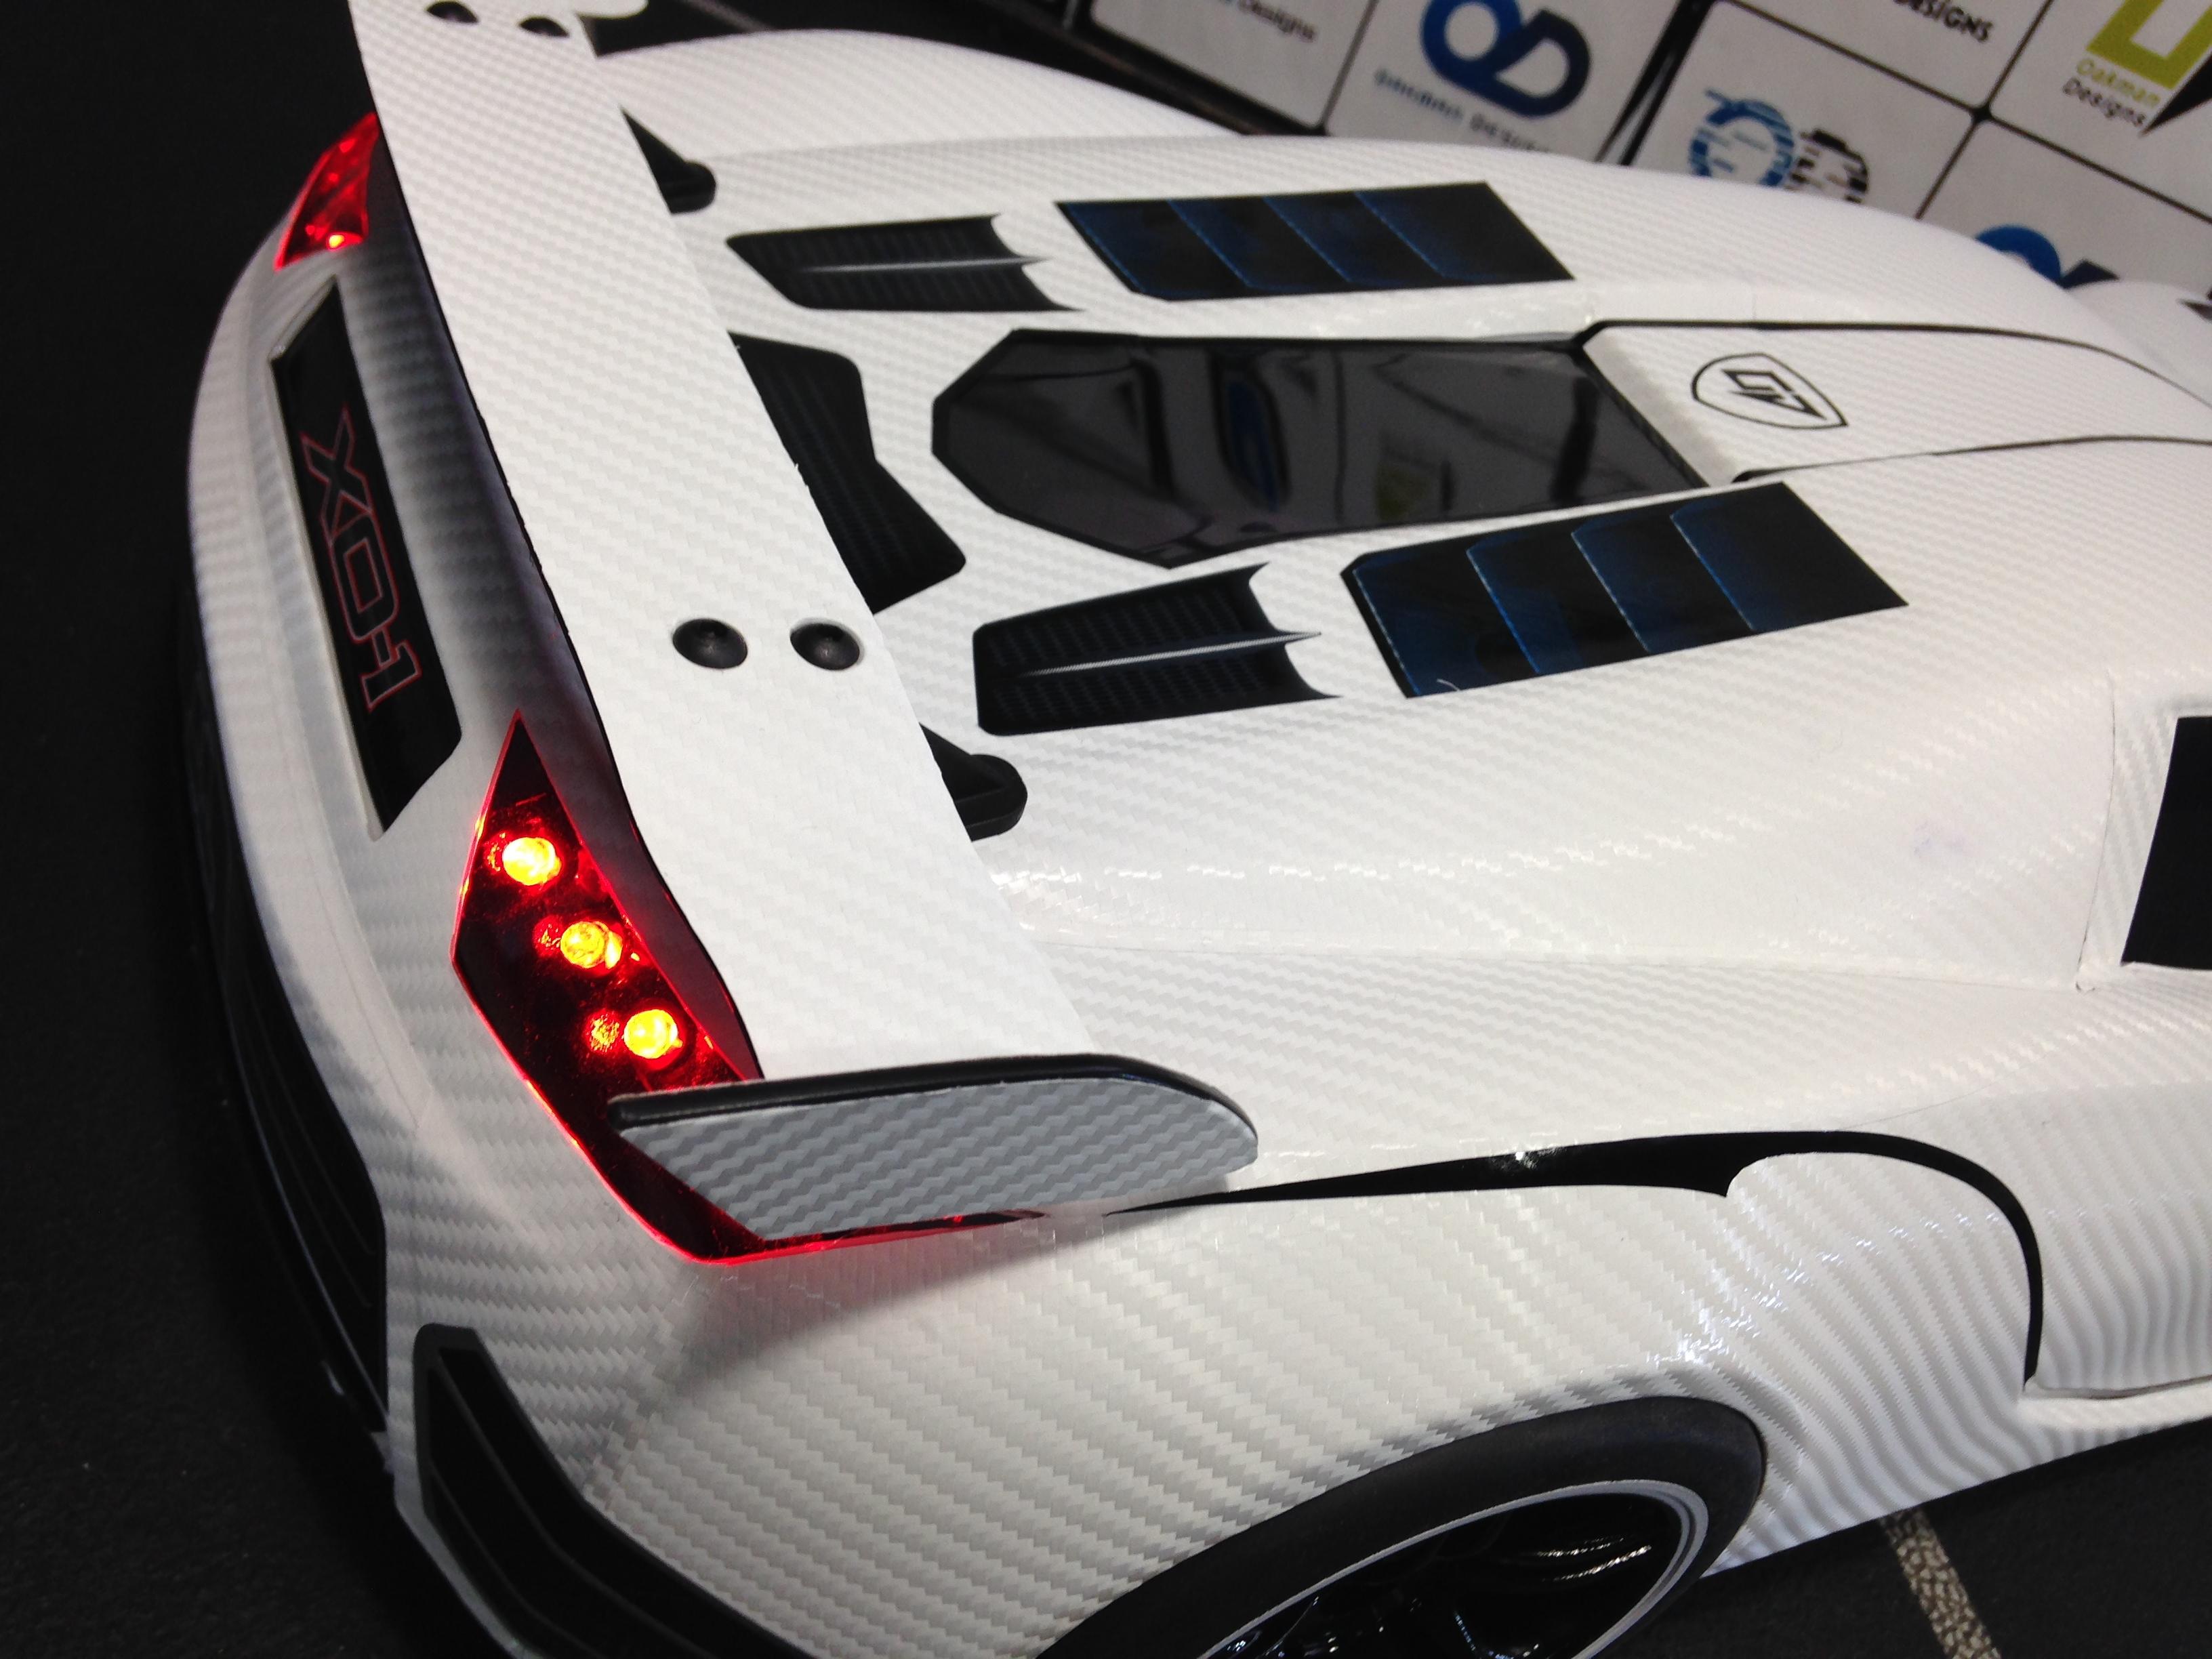 White Carbon Fiber Traxxas Xo 1 Body Shell Oak Man Designs